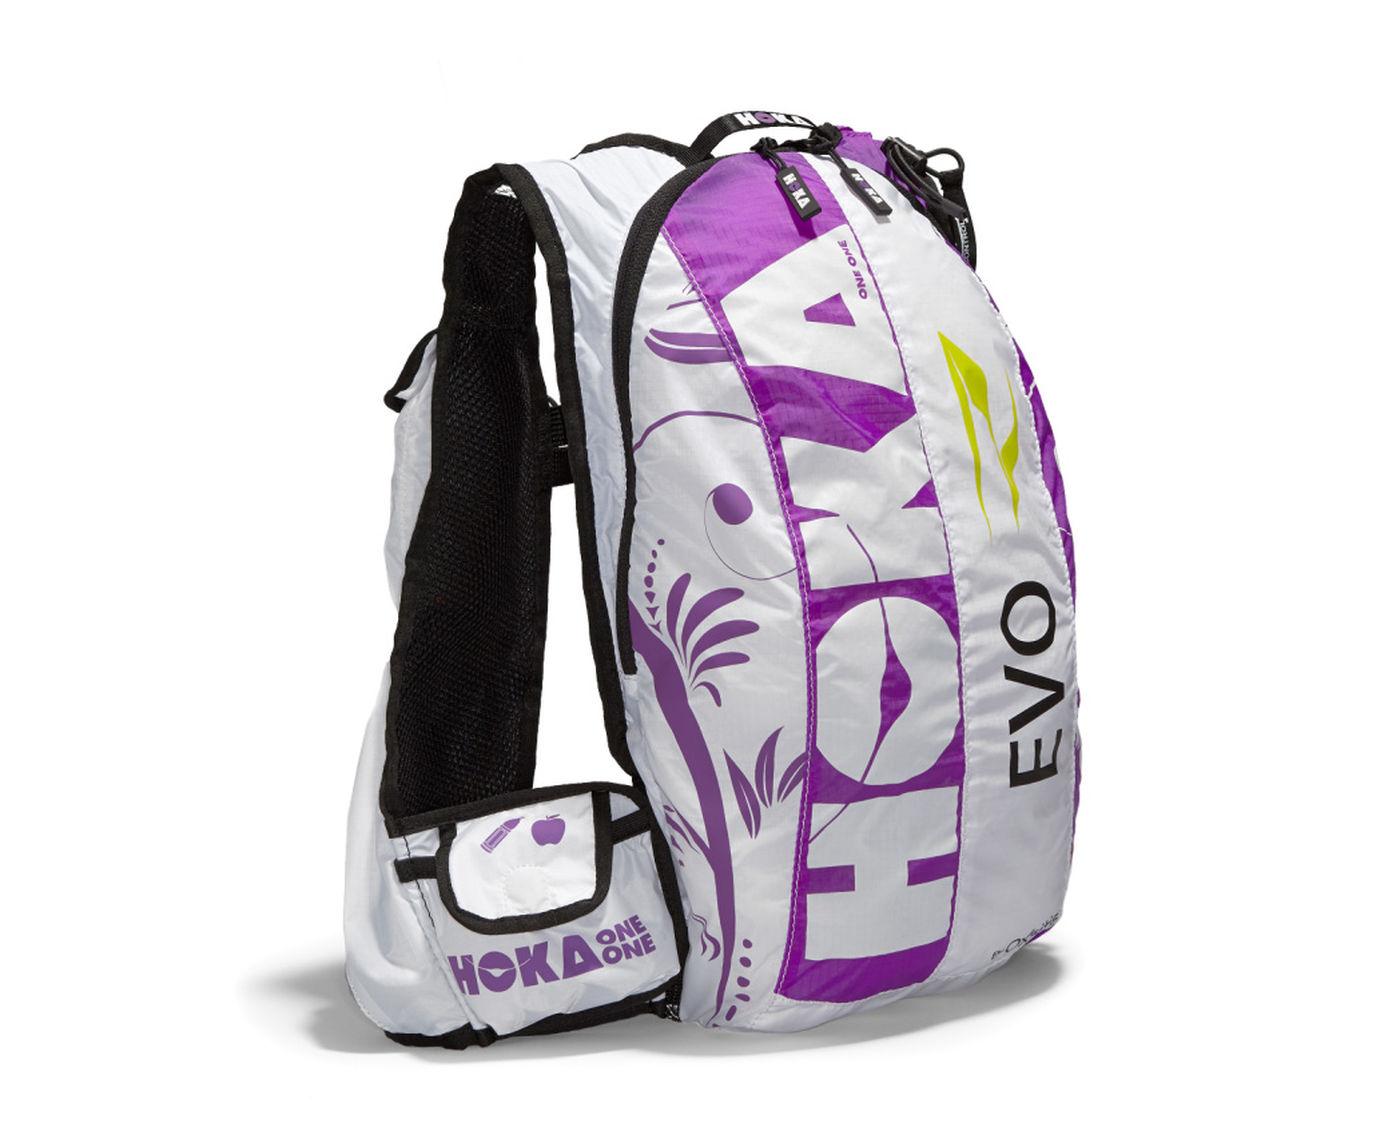 Hoka - Evo Race 17 L - Trail running backpack - Women's